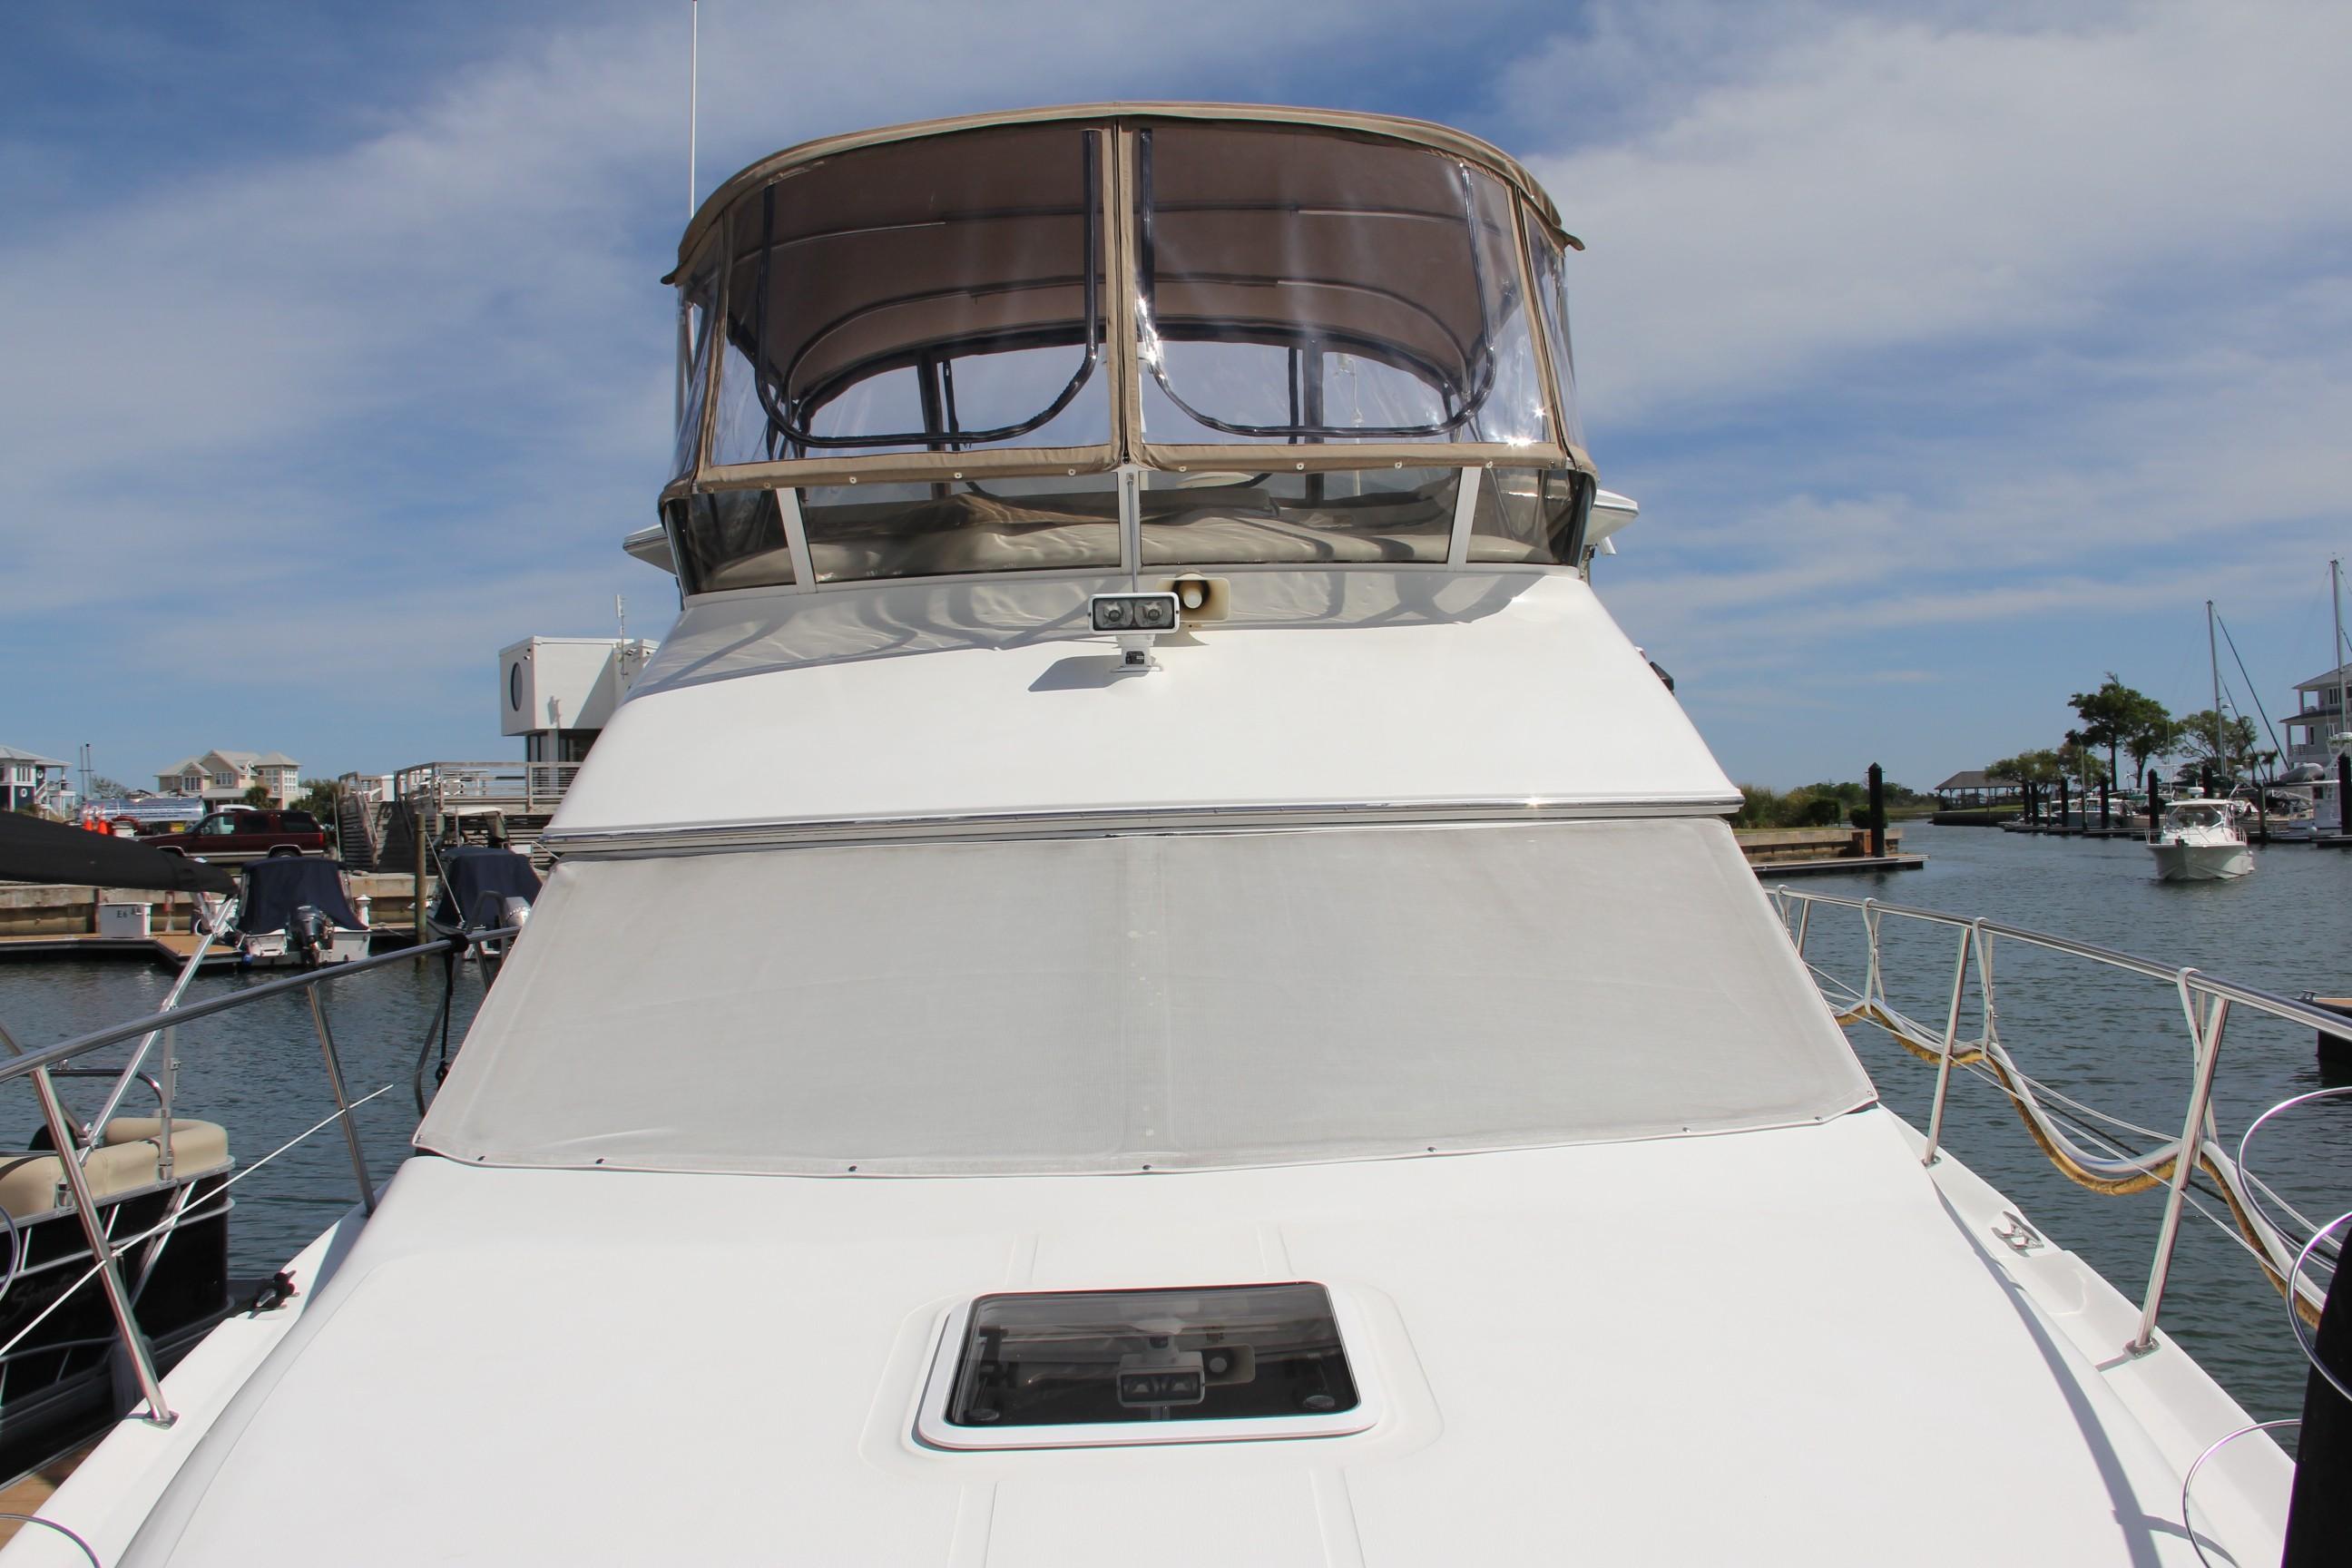 2000 Sea Ray                                                              38 AFT CABIN Image Thumbnail #3